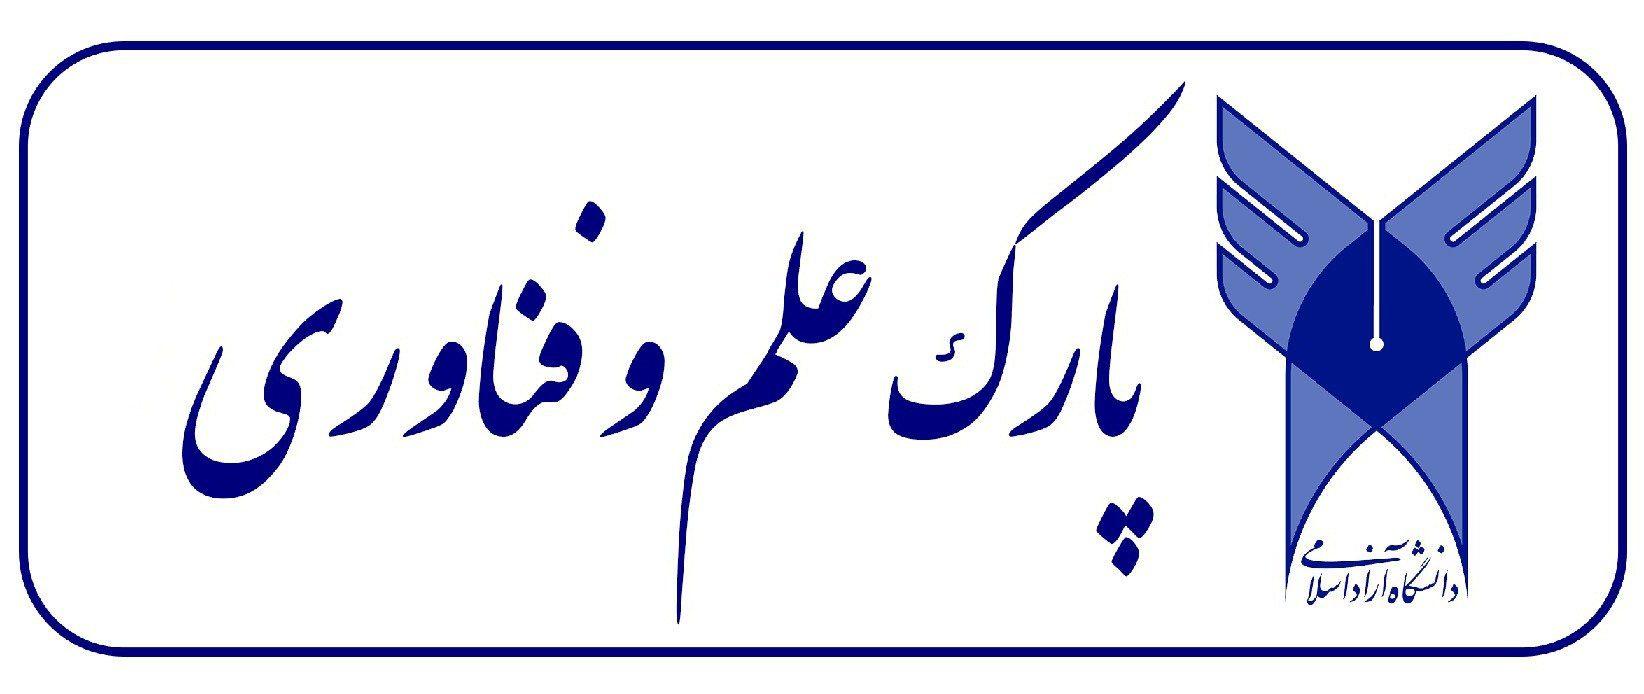 ایجاد پردیس پارک علم و فناوری استانی در دانشگاه آزاد اسلامی